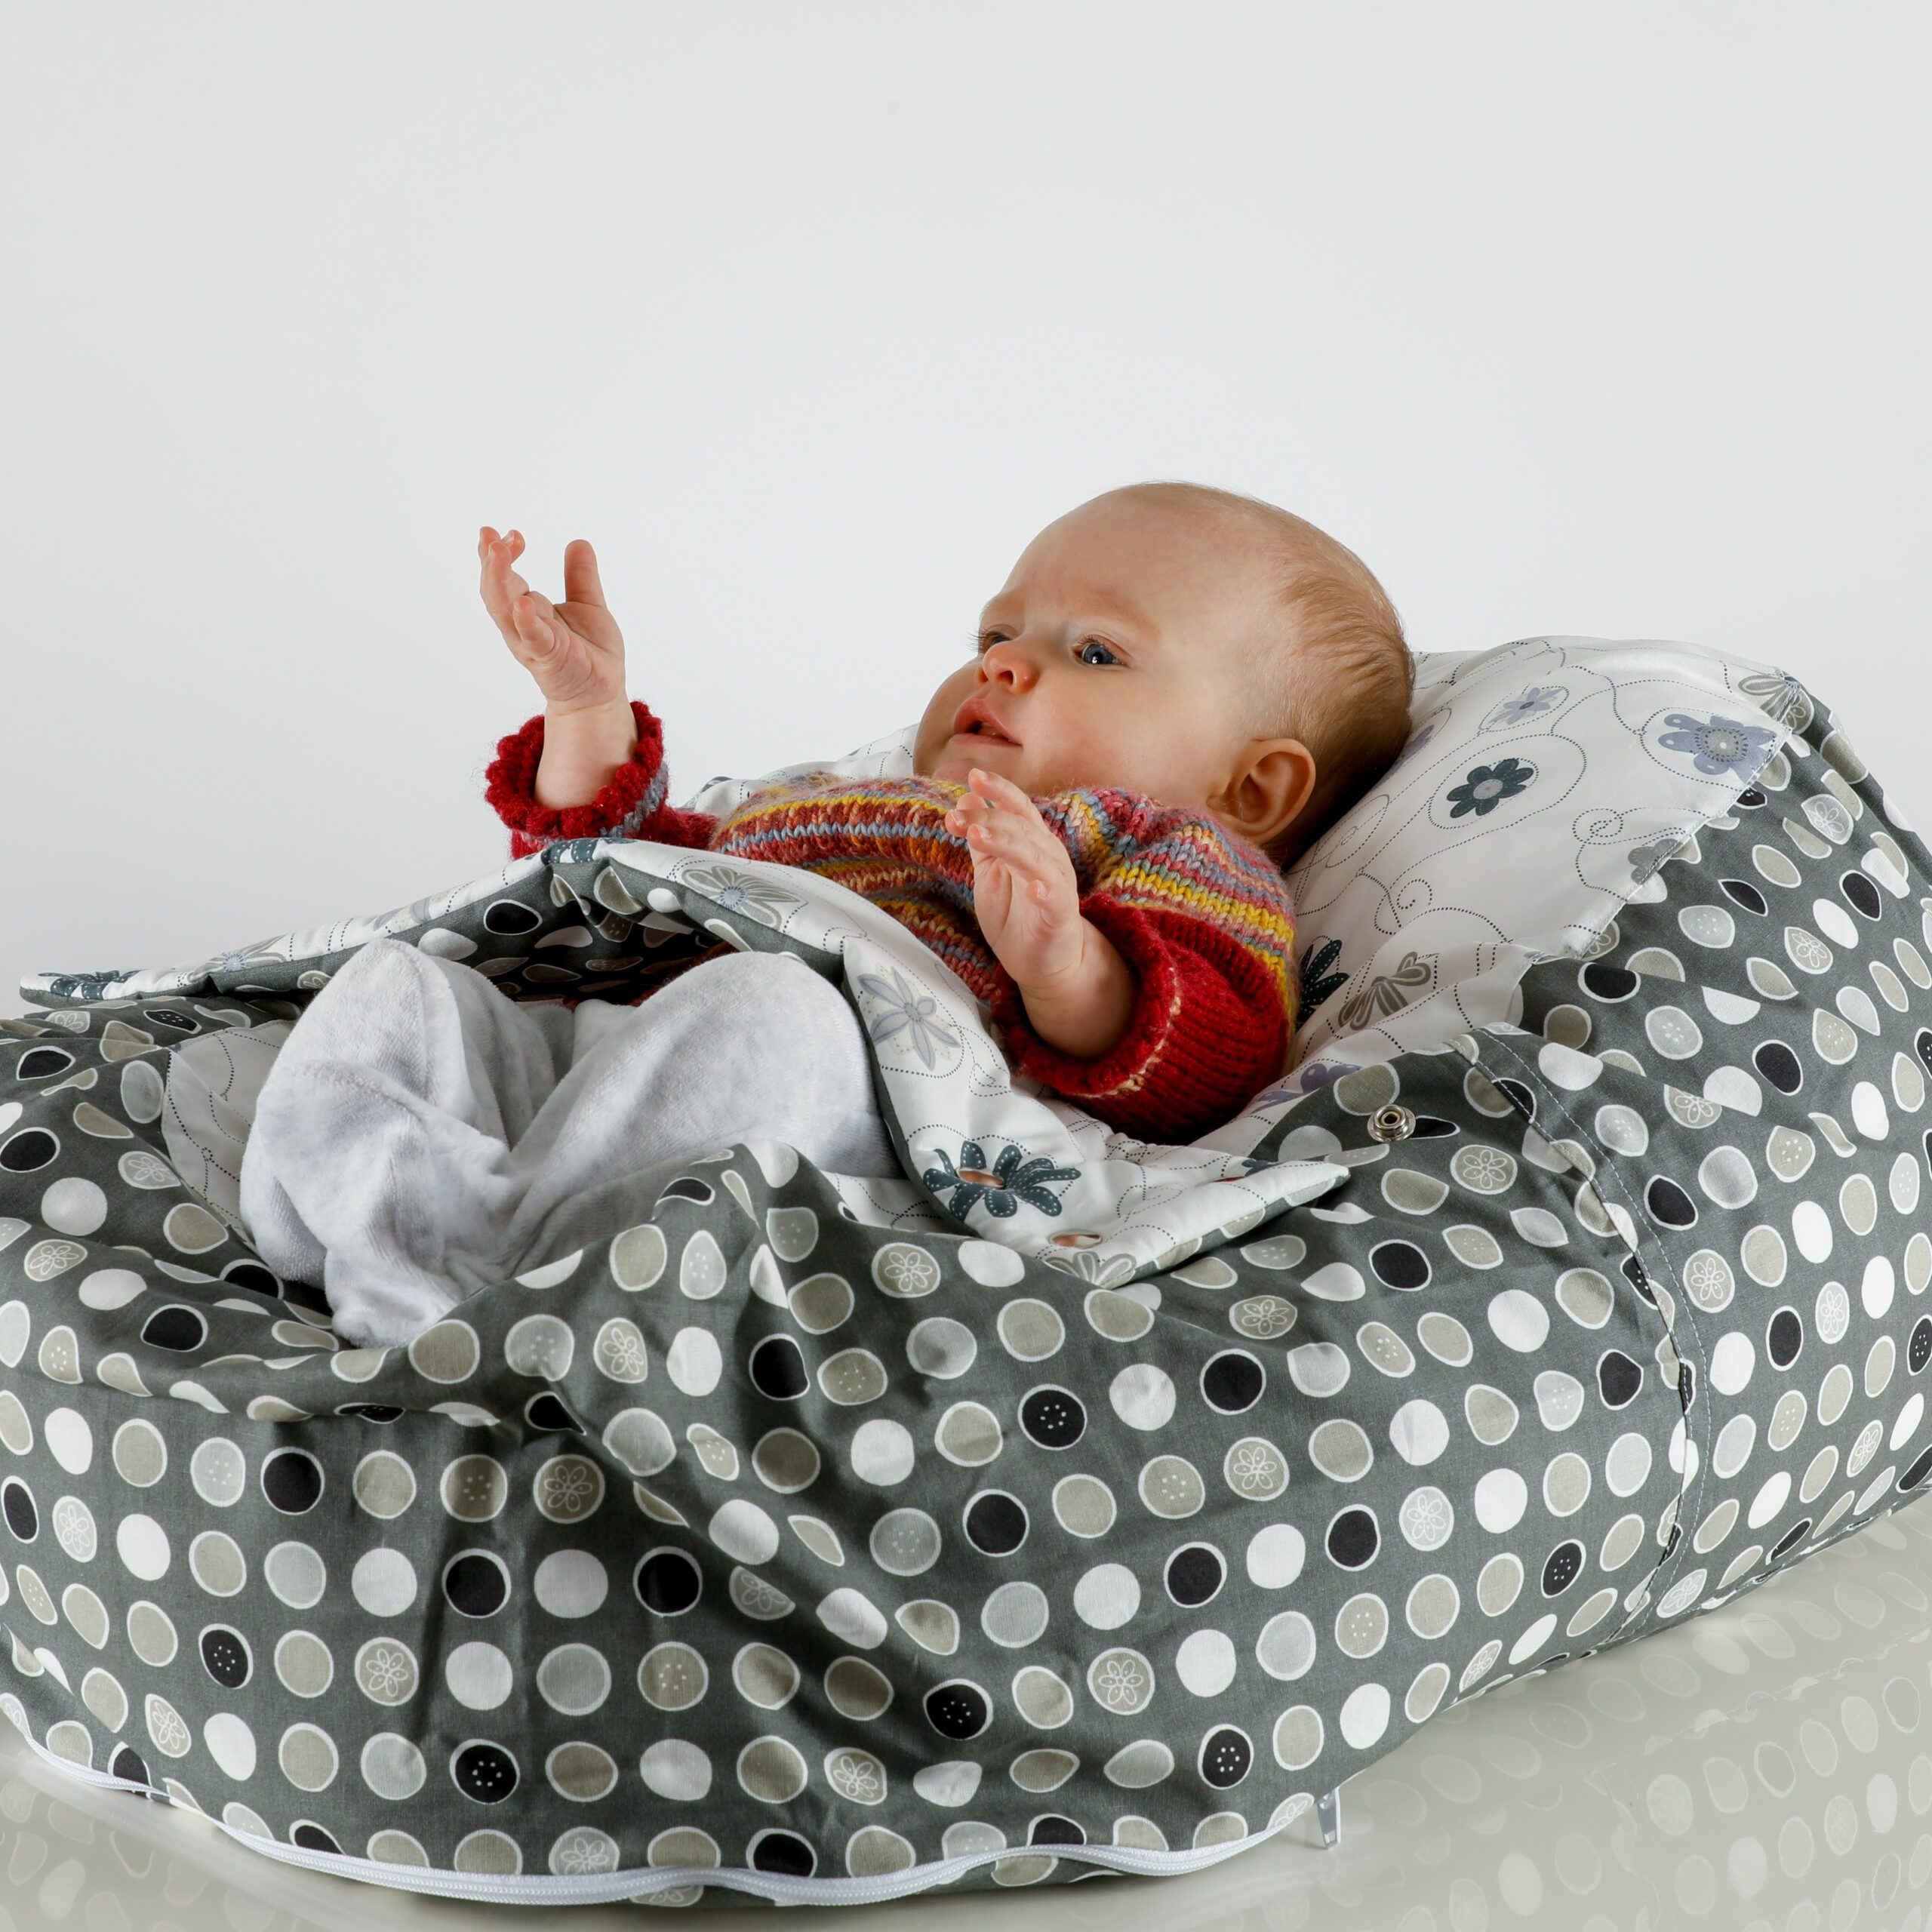 grau gepunktet opadi babyliegekissen